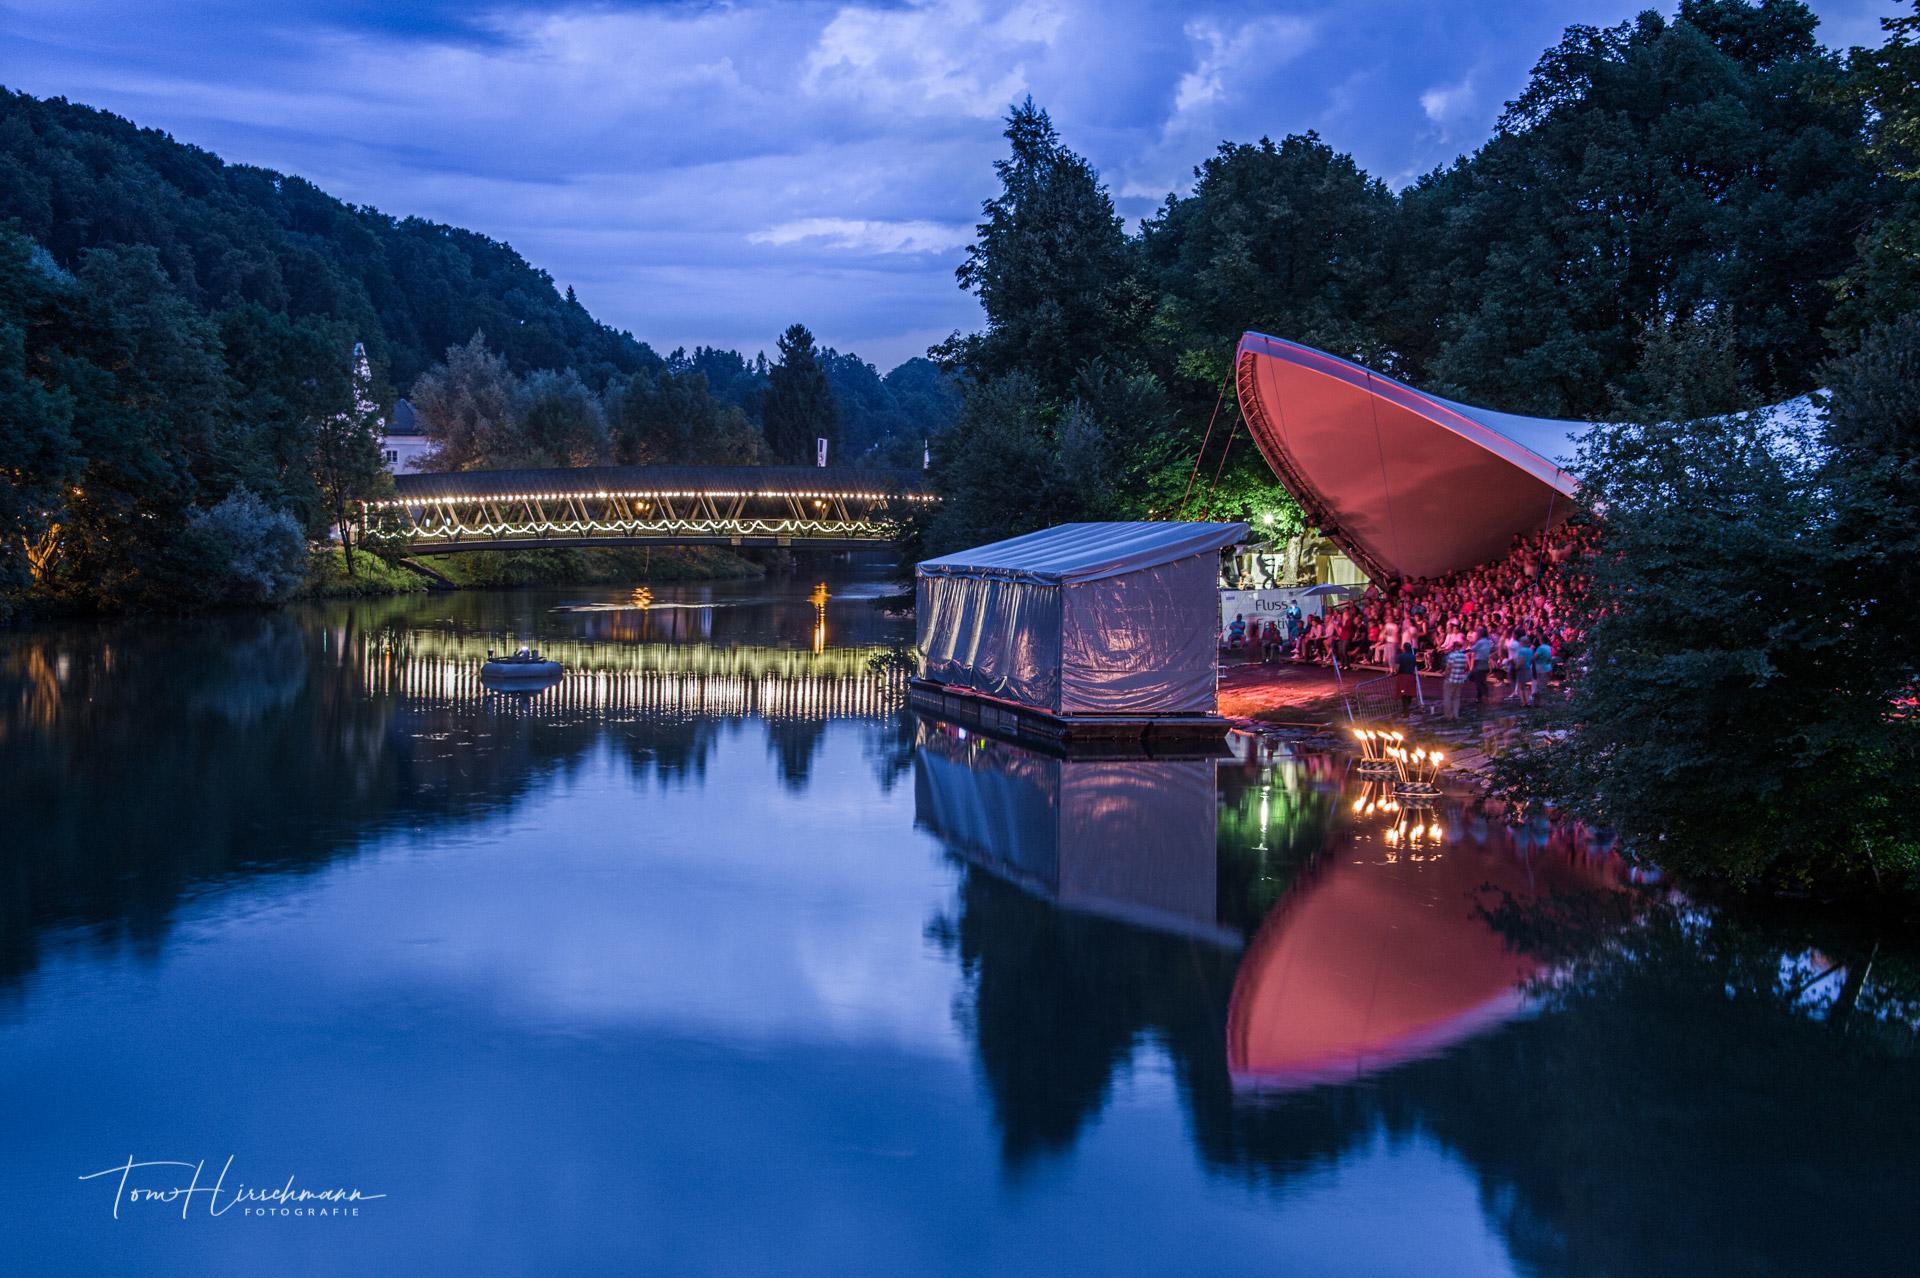 Wolfratshausen Flussfestival 2019 von Thomas Hirschmann